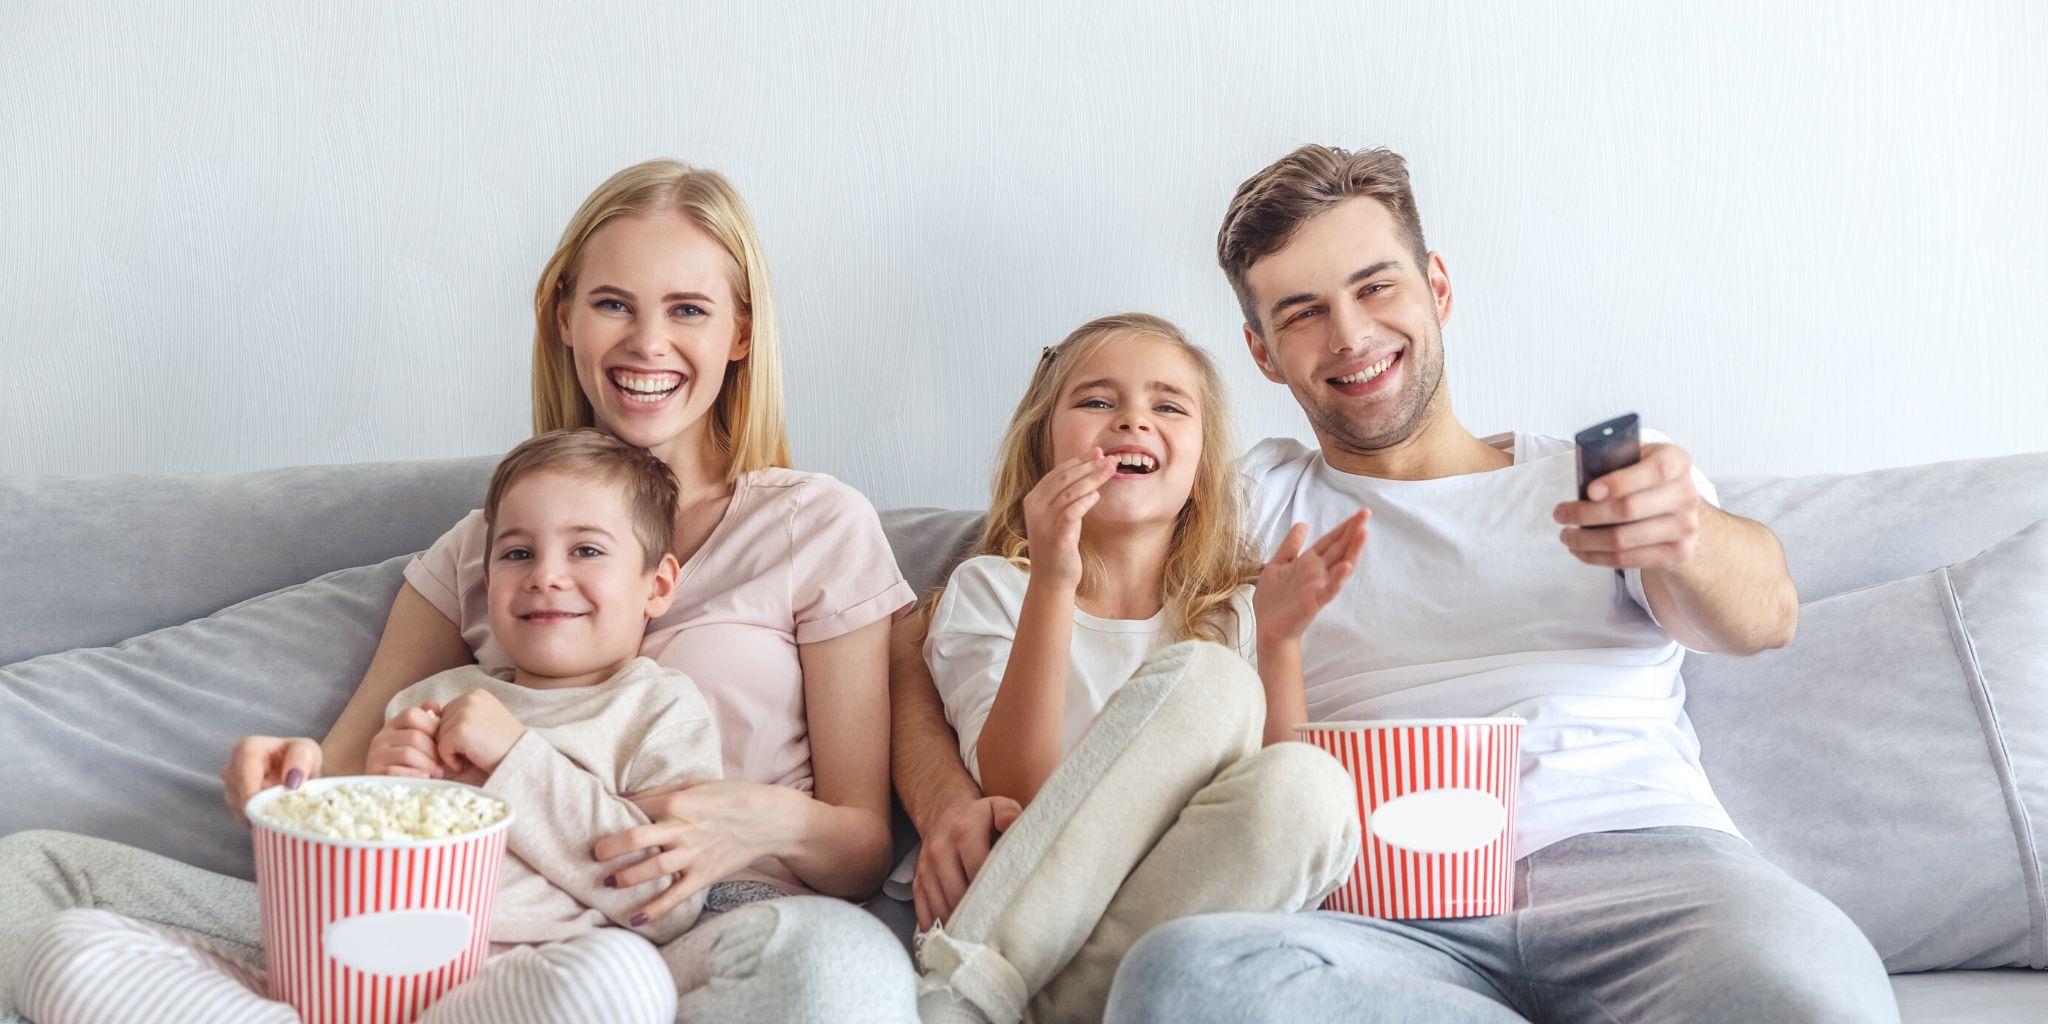 Mejores películas infantiles según los valores que promueven